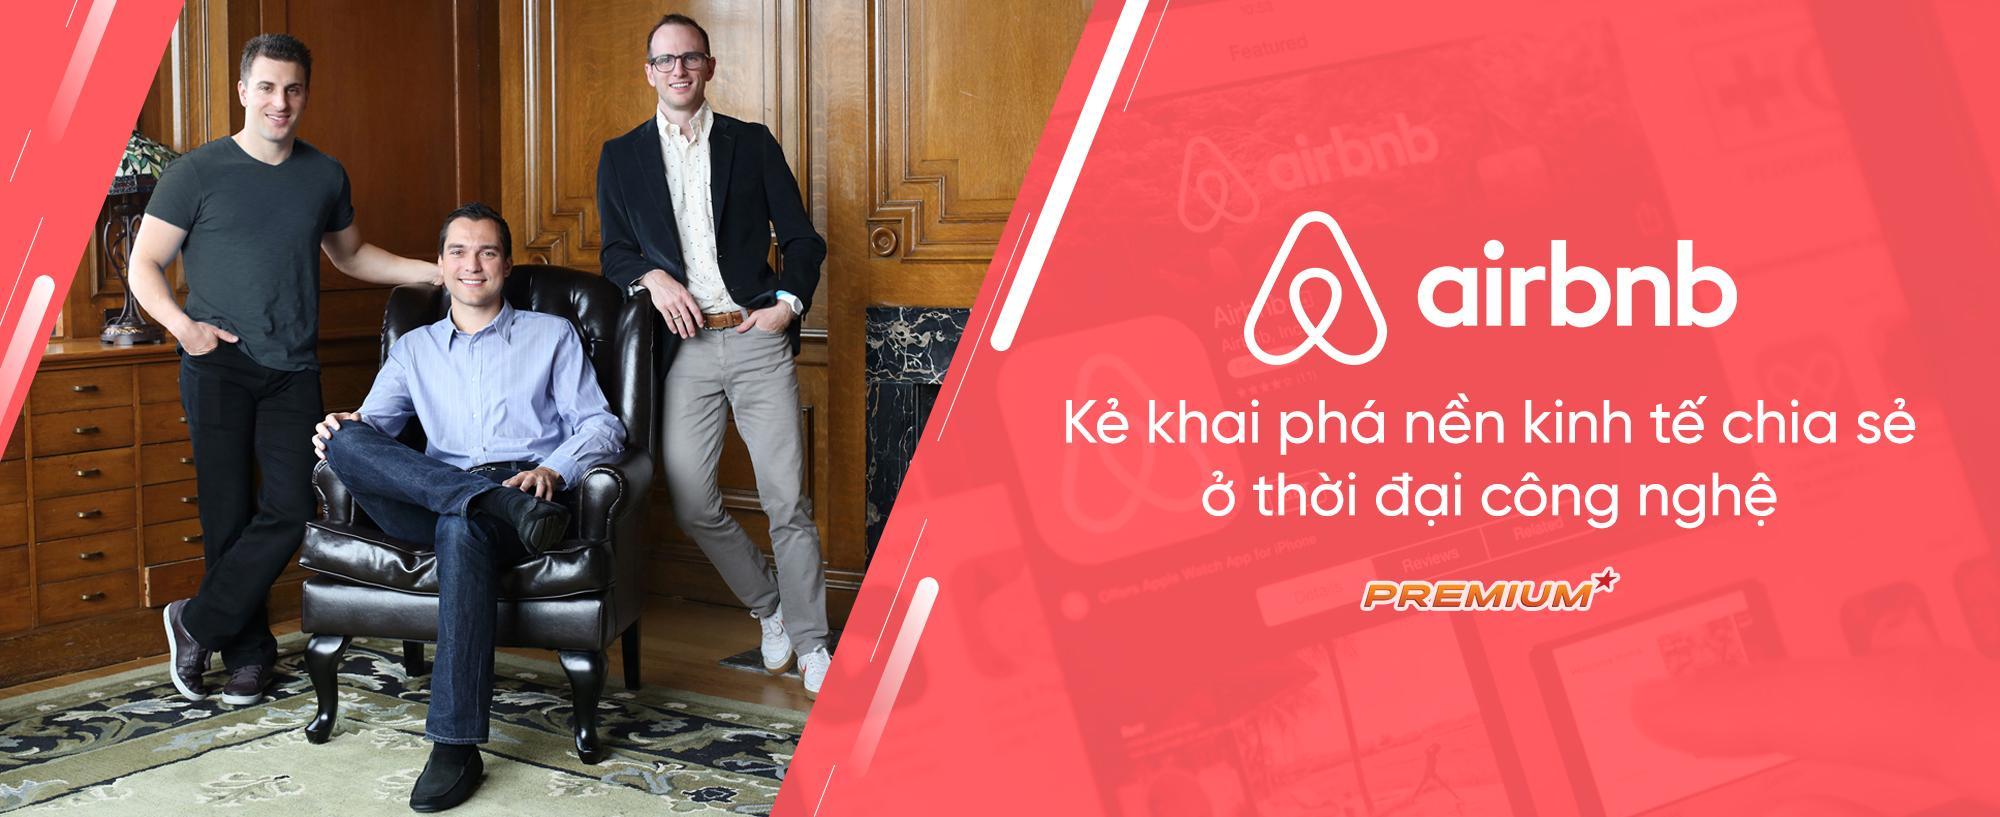 Airbnb: Kẻ khai phá nền kinh tế chia sẻ ở thời đại công nghệ